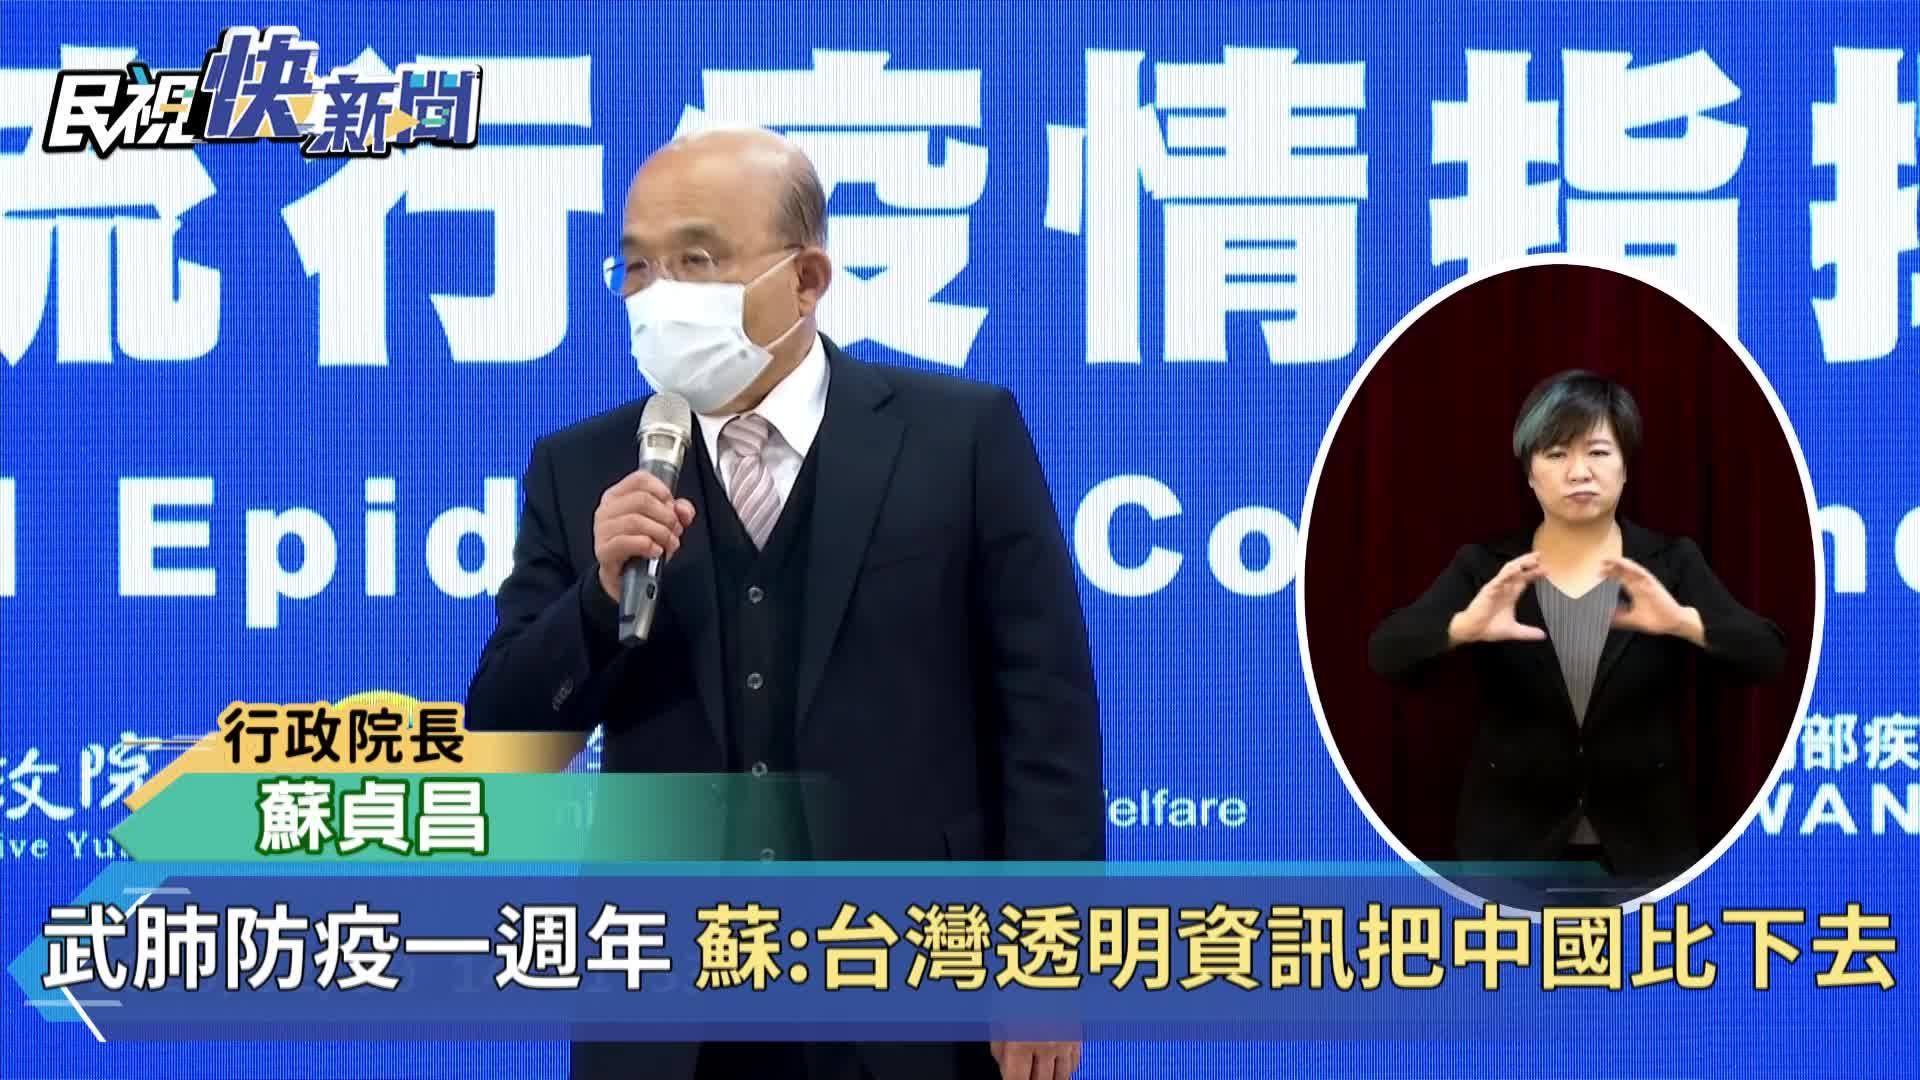 快新聞/「武肺防疫一週年」 蘇貞昌讚民主自由:台灣透明資訊把中國比下去